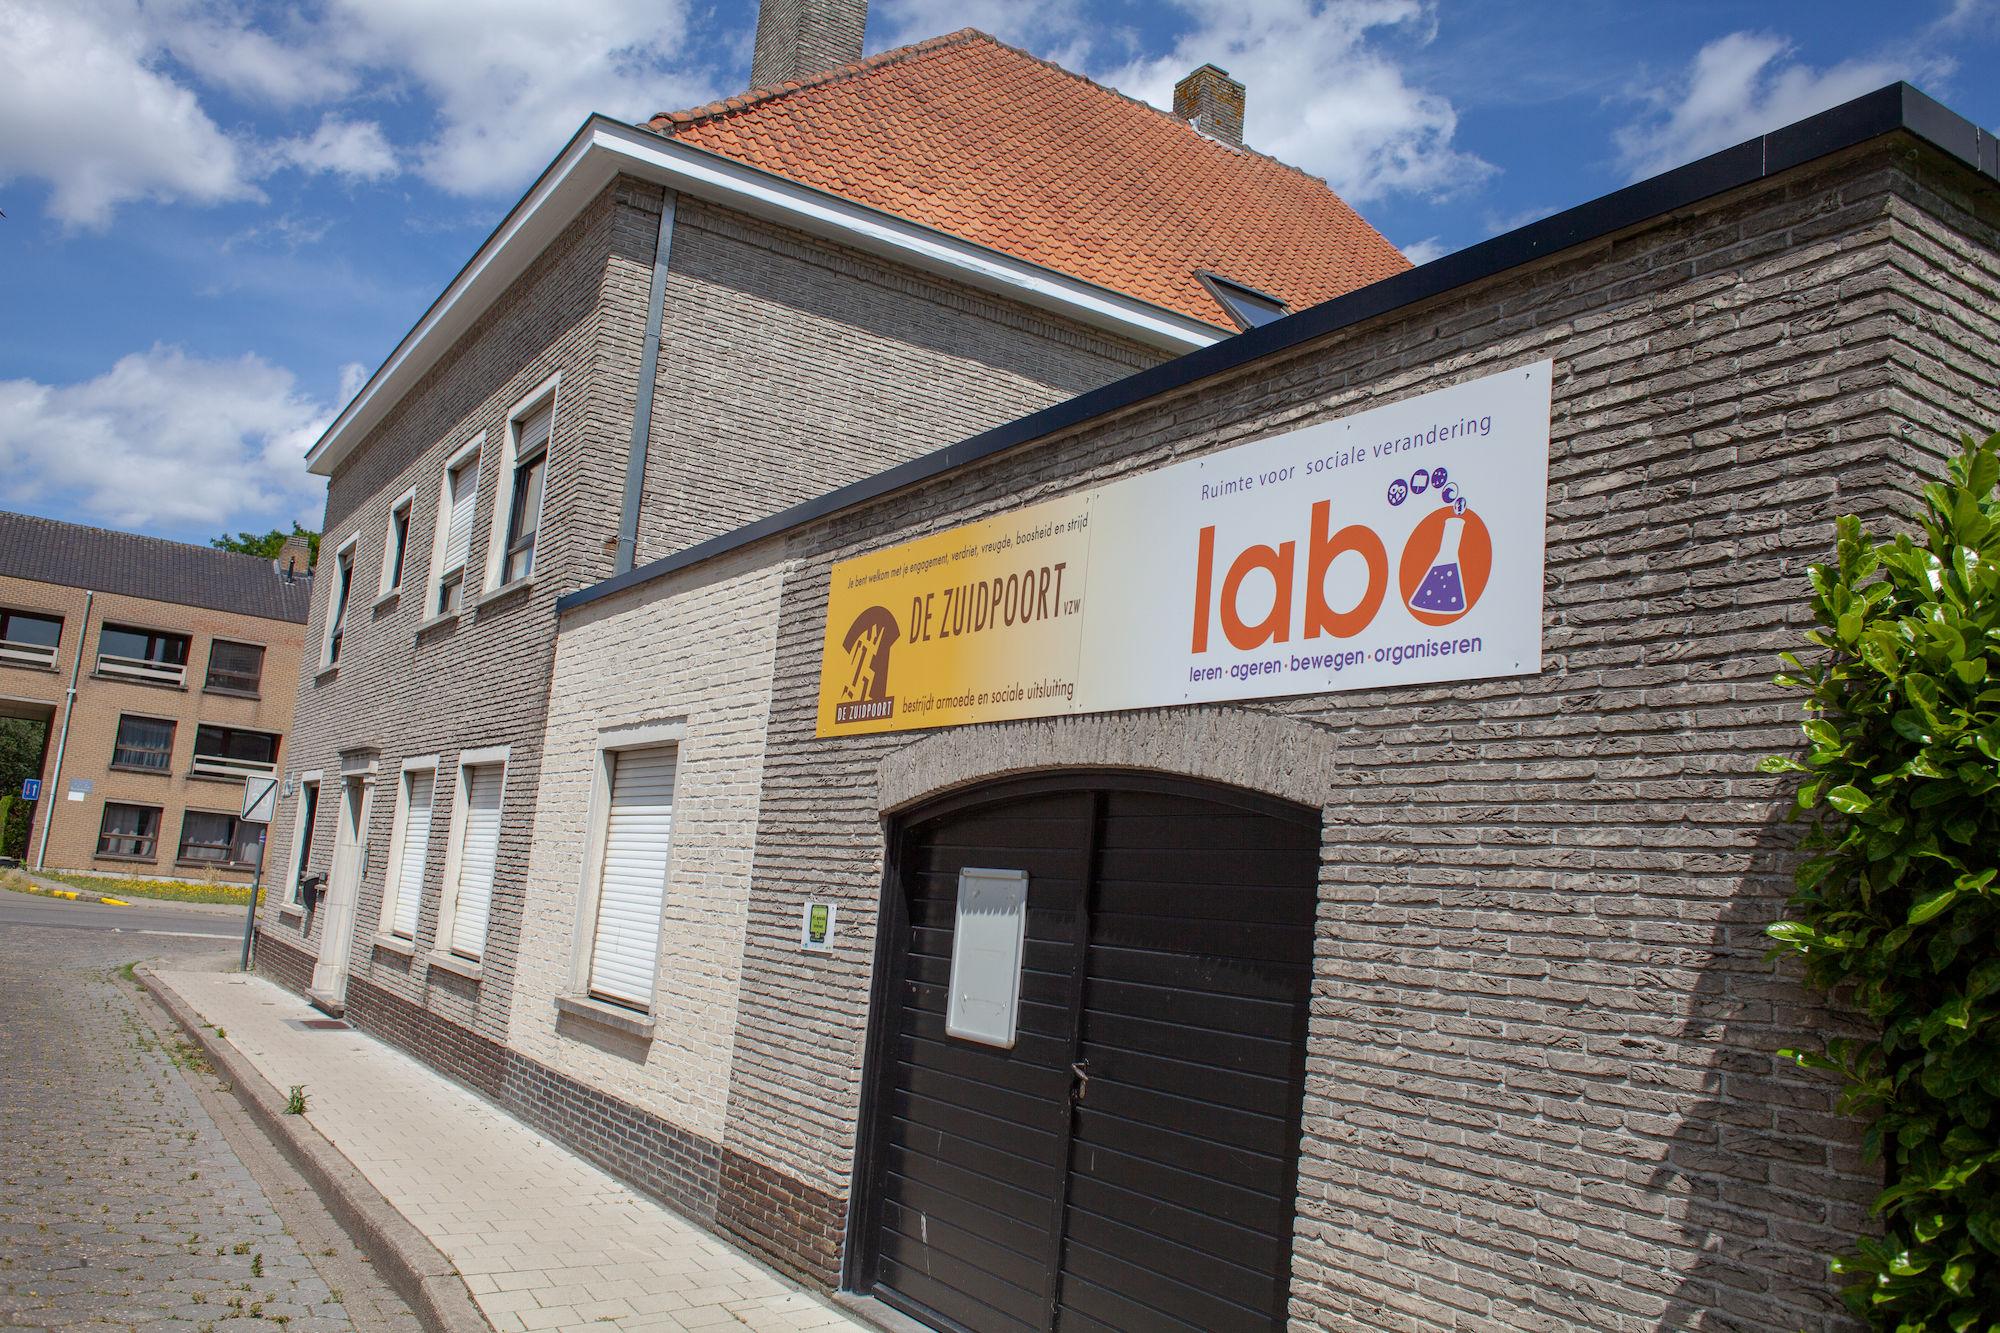 2019-07-01 Nieuw Gent prospectie met Wannes_stadsvernieuwing_IMG_0163-3.jpg